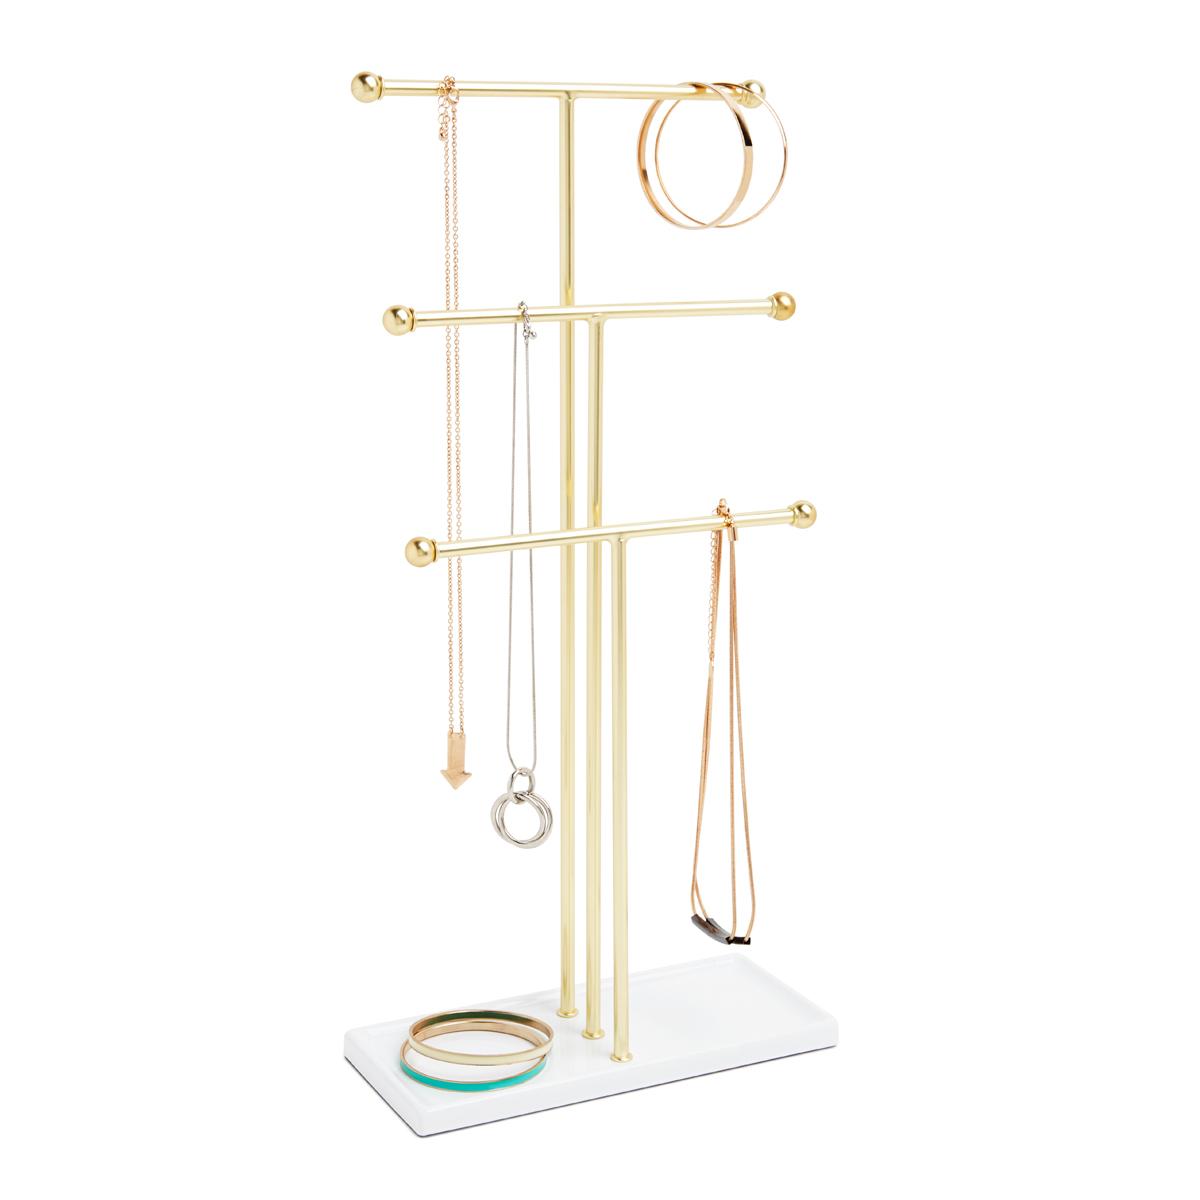 Органайзер для украшений Umbra Trigem299330-524Высокотехнологично и высокофункционально: трехъярусный держатель для украшений продуман для мелочей. Самый высокий - для бус, средний - для длинных сережек и цепочек, малый - для браслетов, сережек, колец. Плюс подставка держателя как дополнительное пространство для часов или клипс.Если ваши украшения хранятся в коробке или еще хуже - валяются в ящике стола, то самое время организовать их!